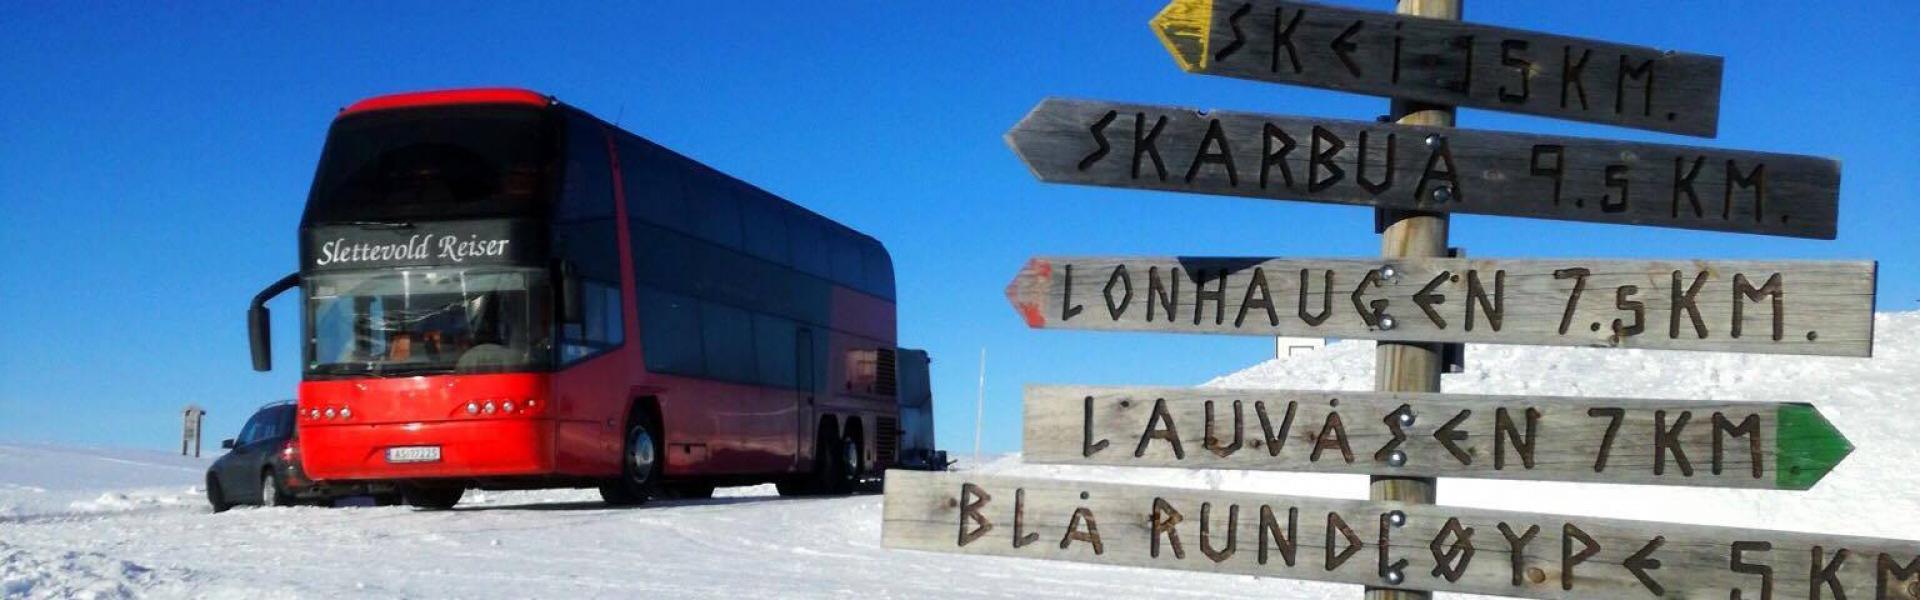 Turbuss på fjelltur. Dobbeltdekker rød buss parkert på snøen i fint vær - Gålå - Gausdal - Ringebu